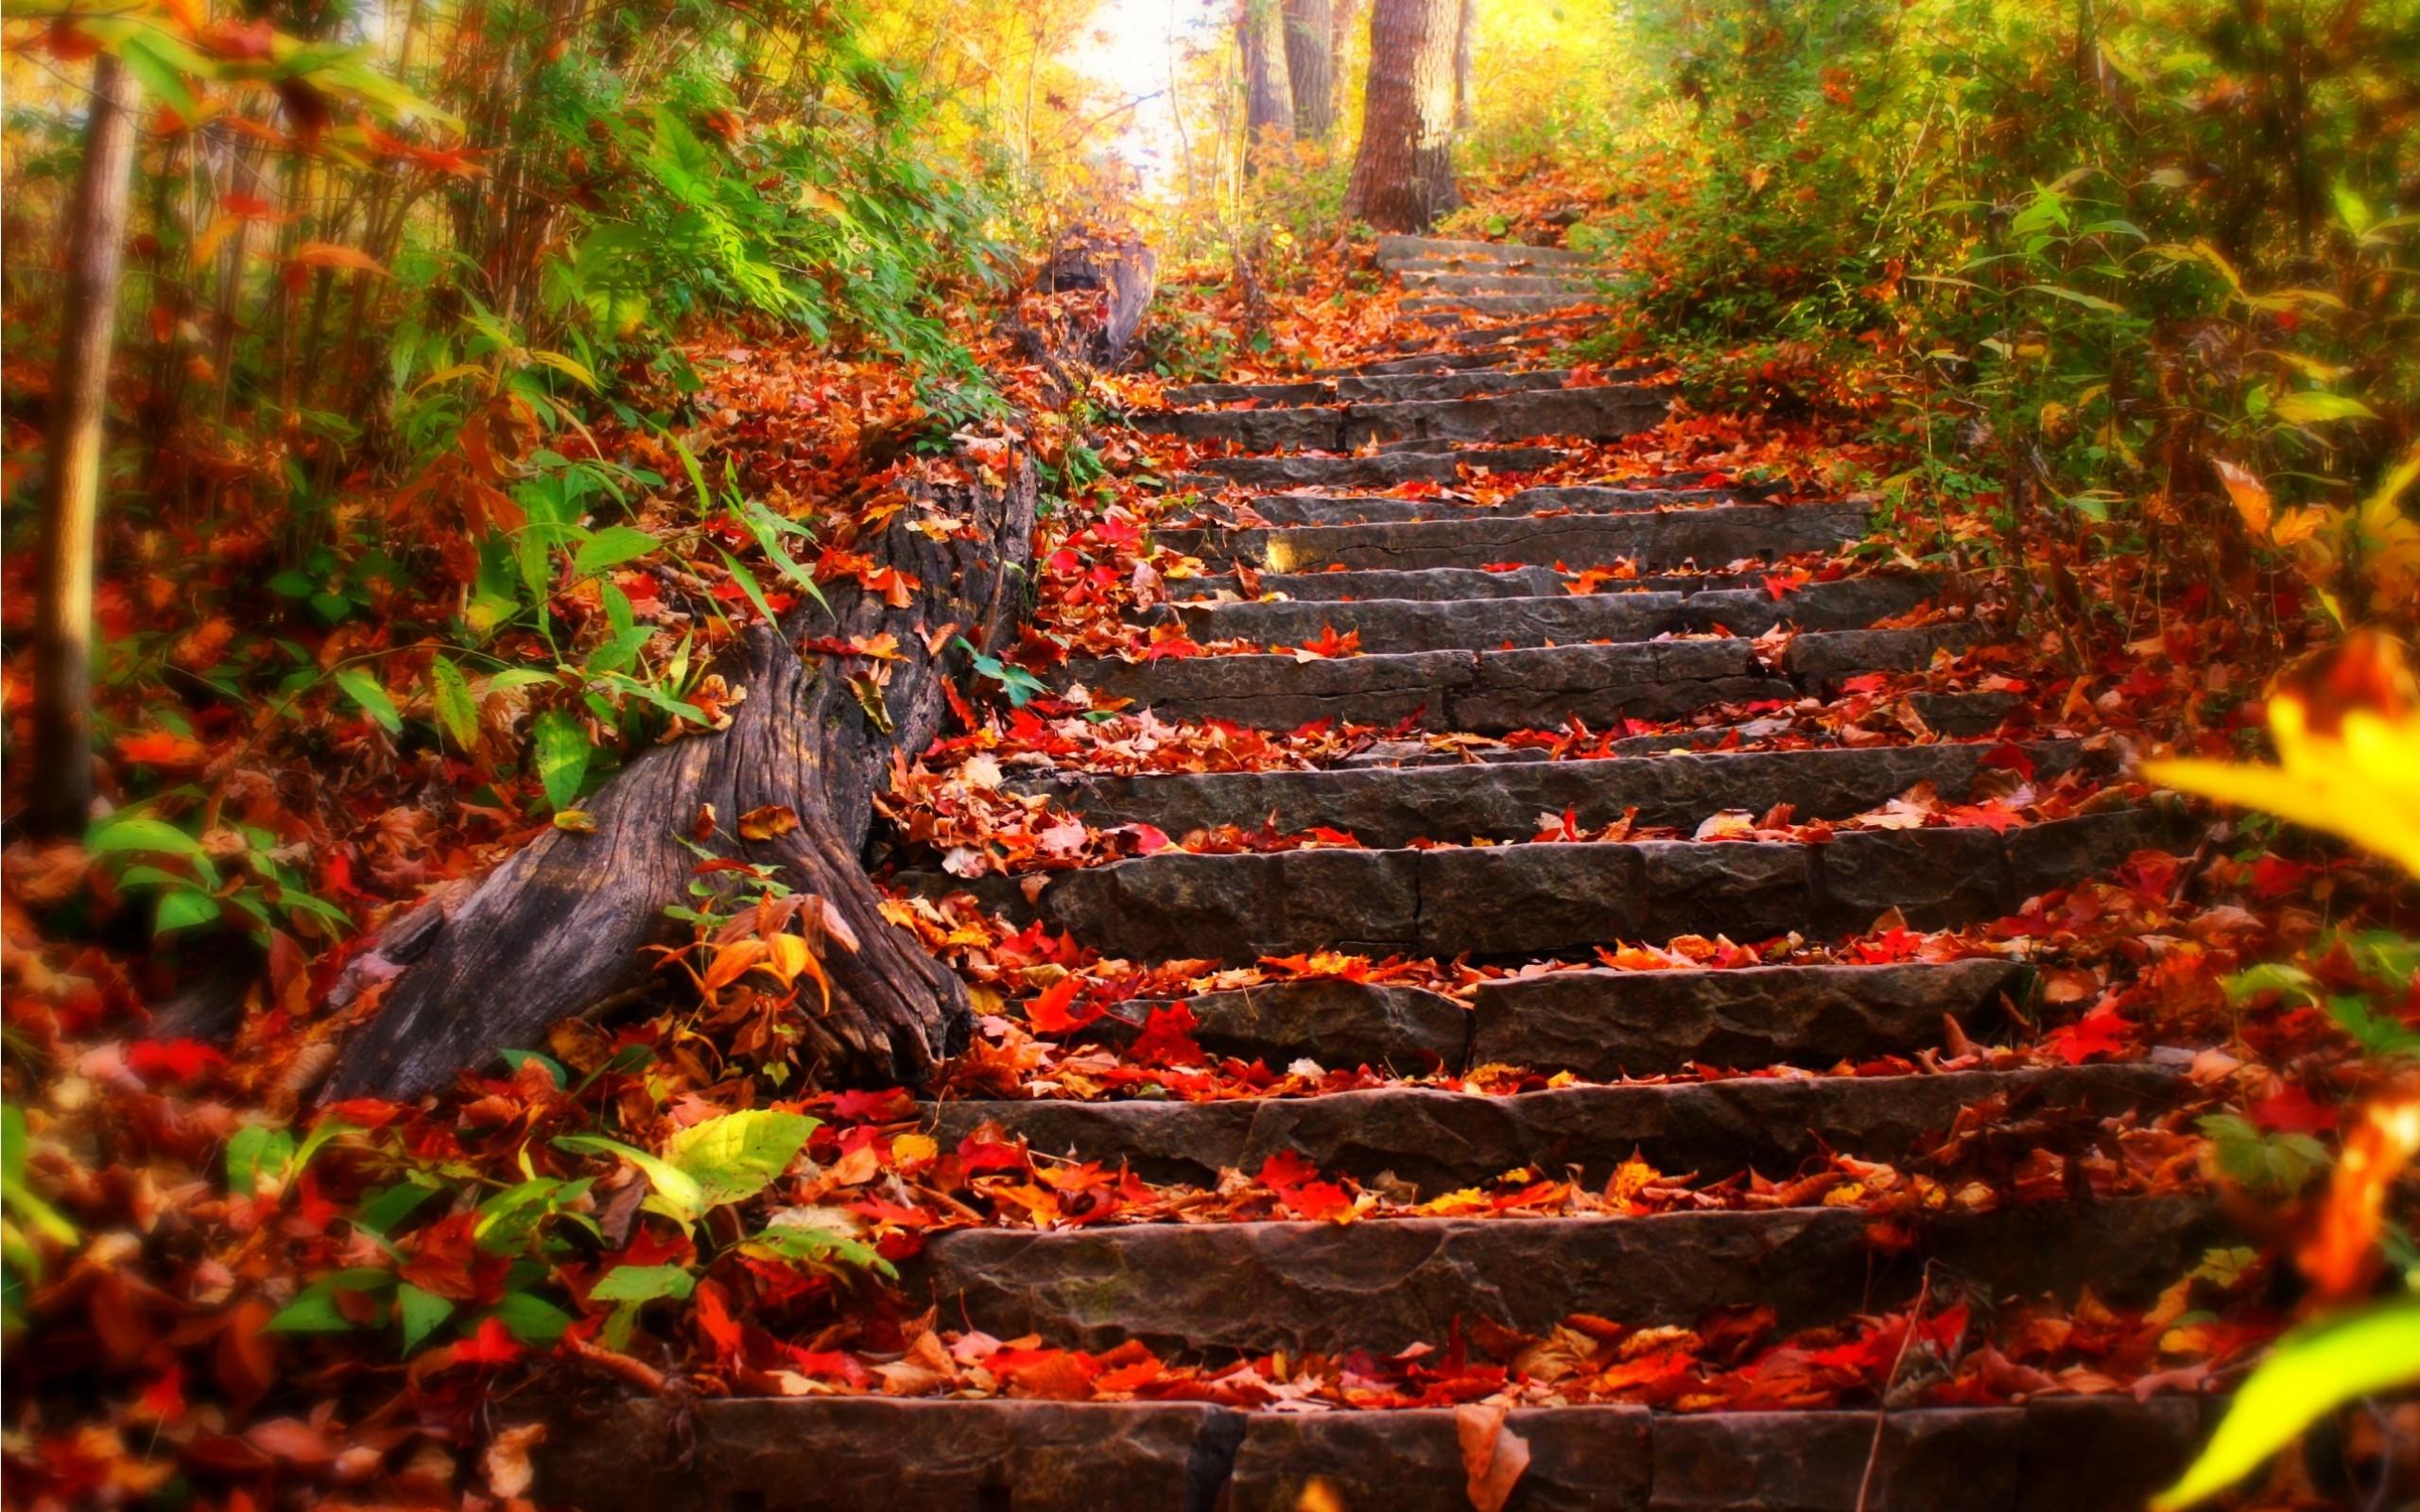 Stairway In Autumn Wallpaper desktop wallpaper, Stairway In Autumn Wallpaper  background, Stairway In Autumn Wallpaper HD wallpaper – image resolution …